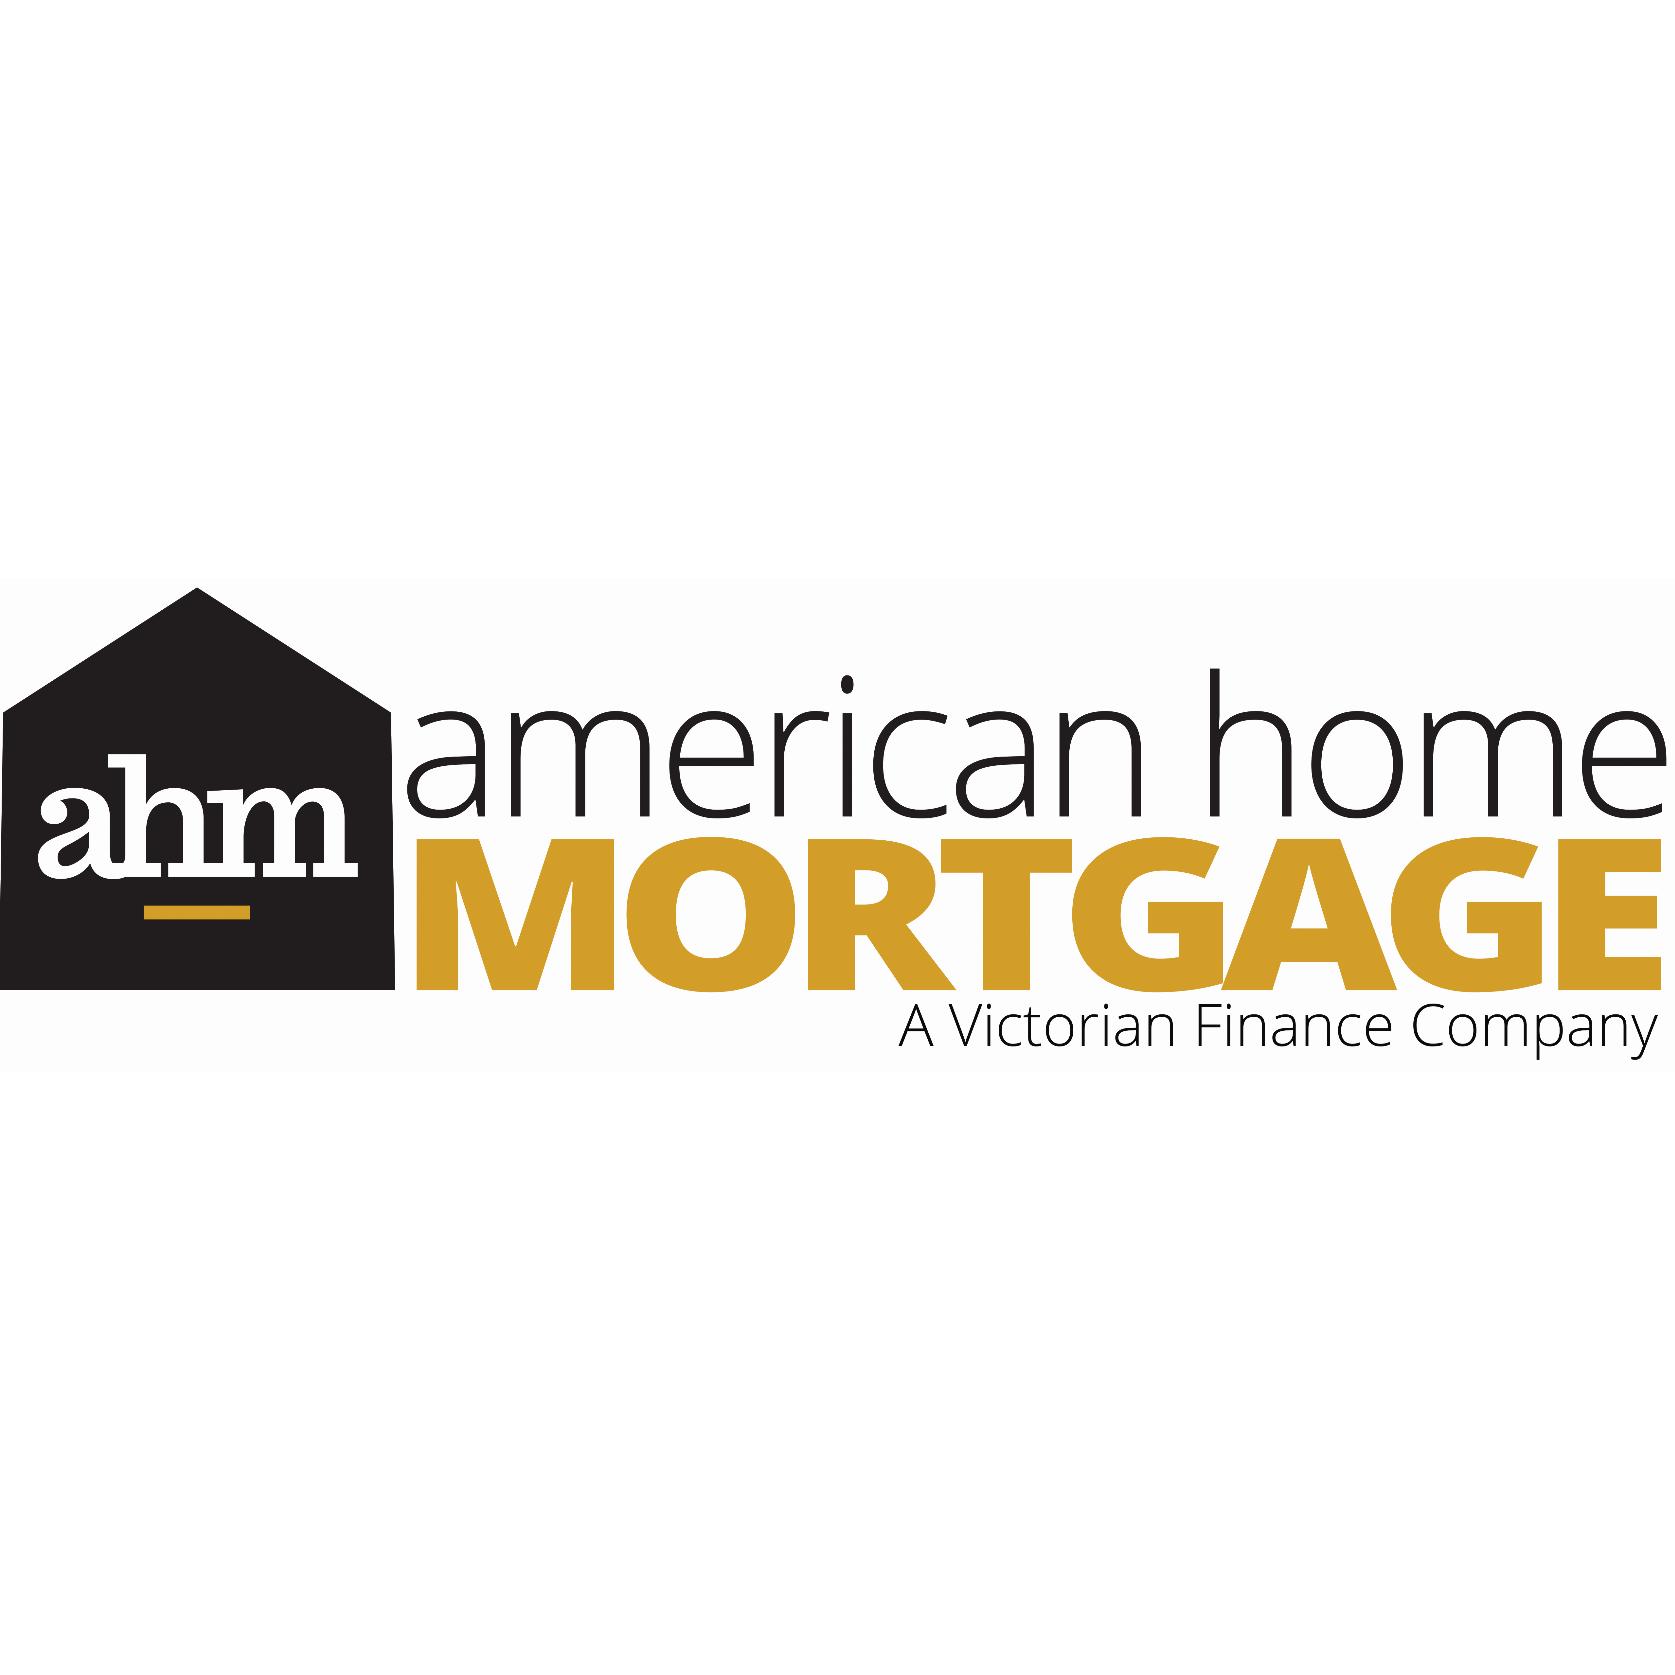 Bank of america mortgage at 4531 olde perimeter way ste for 400 perimeter center terrace atlanta ga